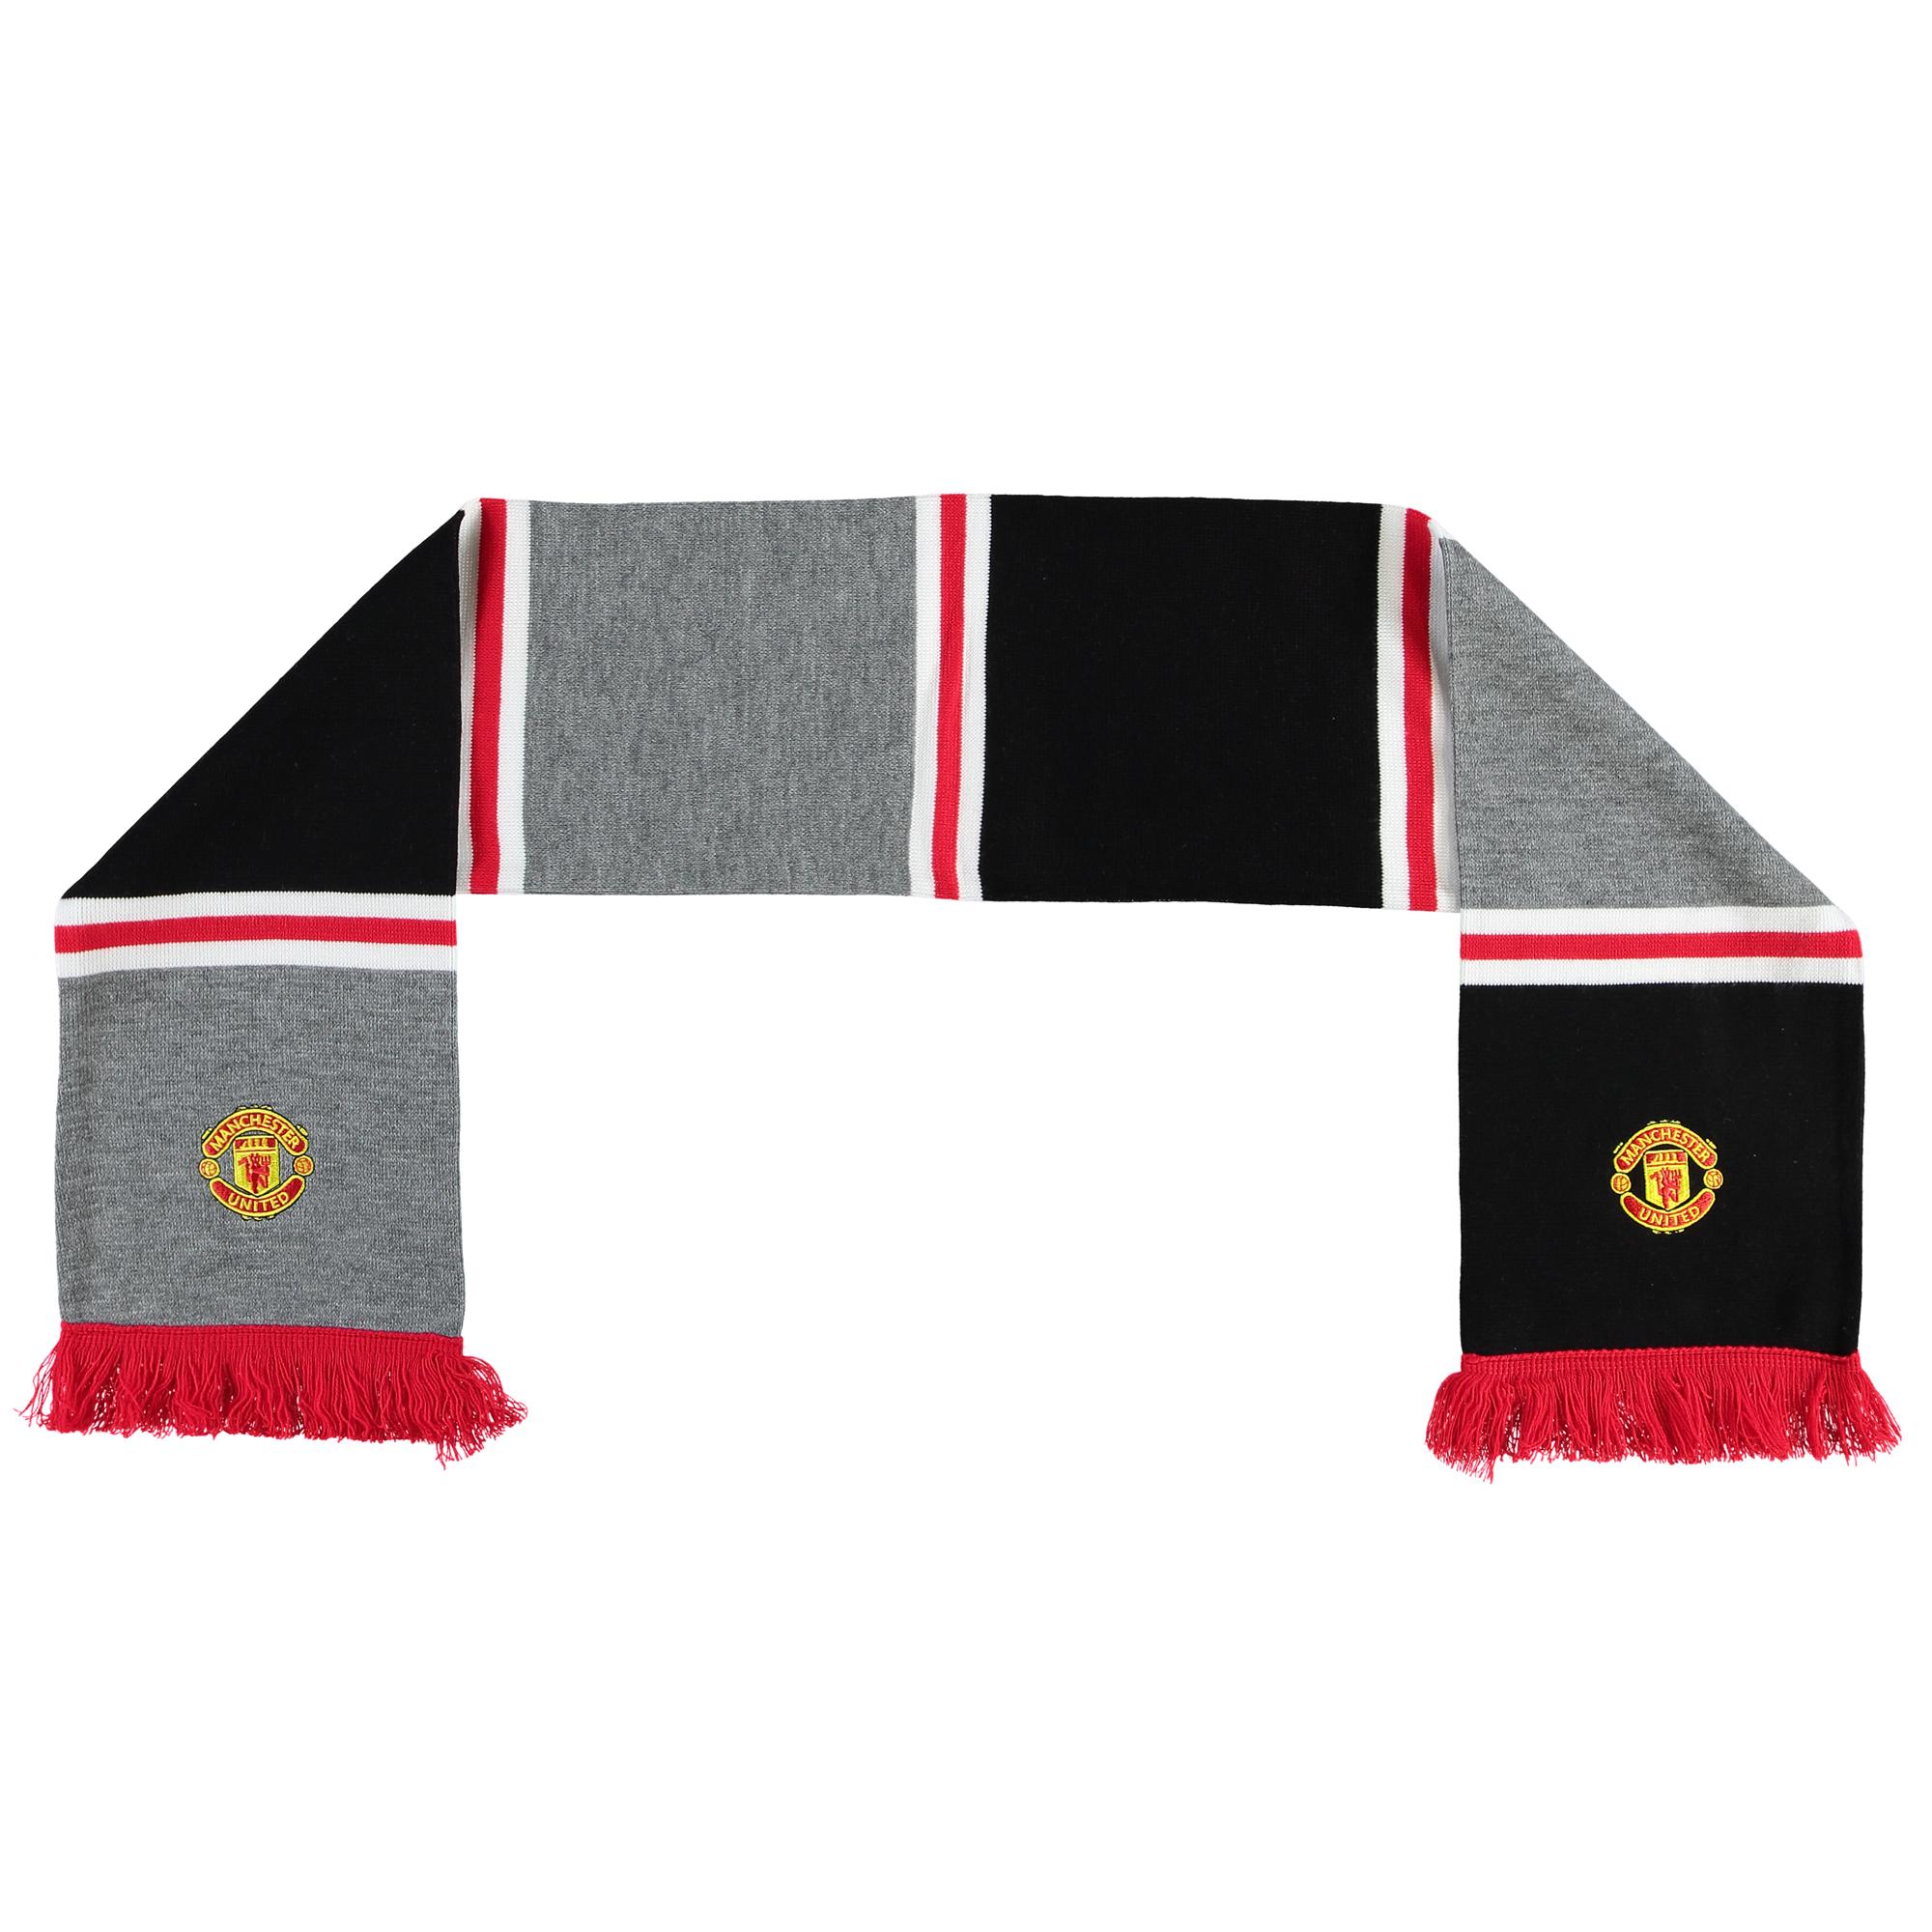 Écharpe Manchester United - Gris - Adulte